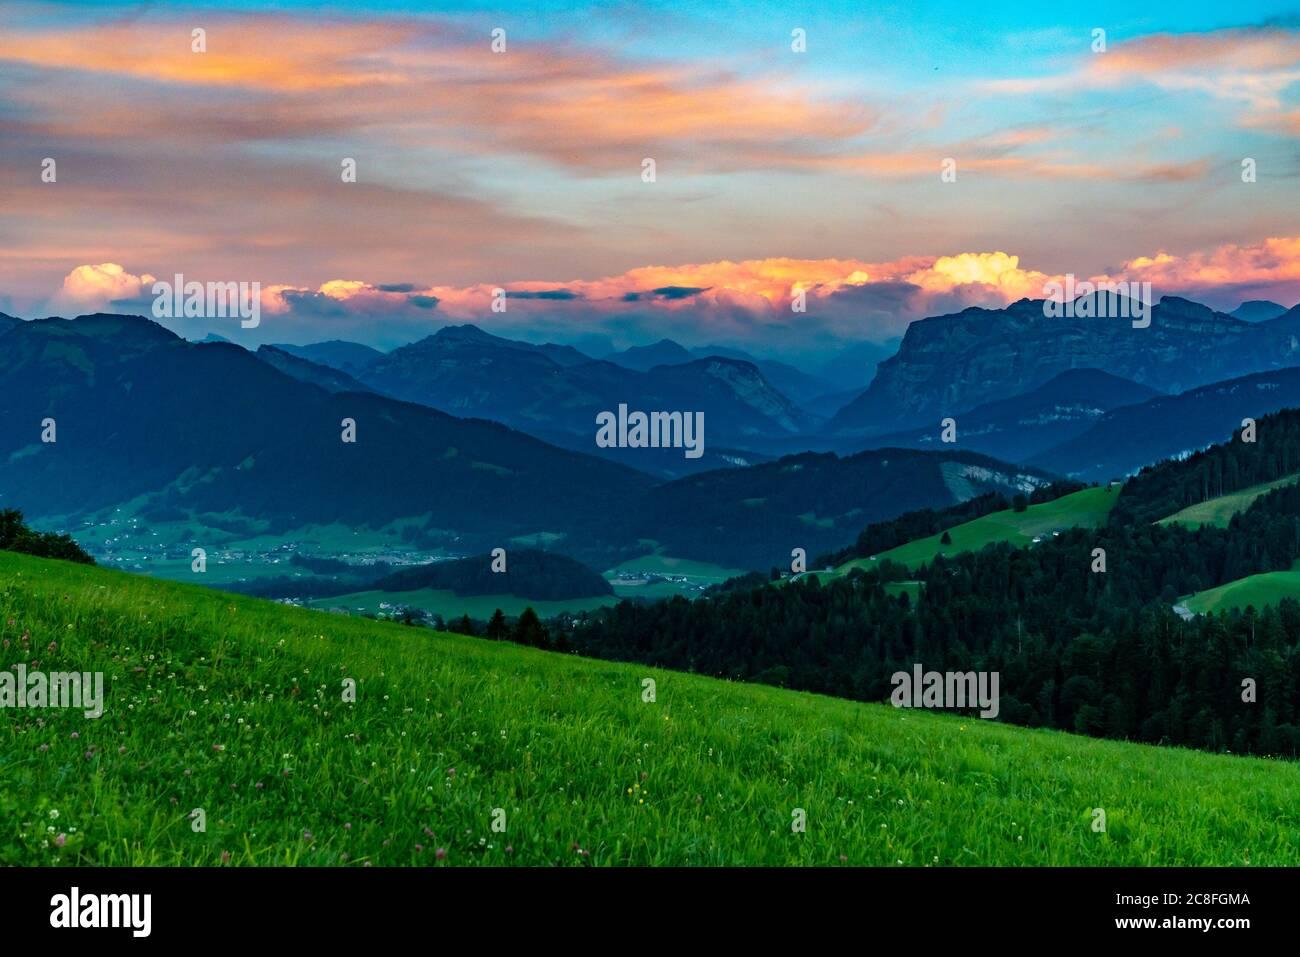 Abendrot im Bregenzerwald, Aussicht auf die Kanisfluh und Niedere, leuchtende Wolken über den Bergen, después de brillar sobre las montañas de Vorarlberg Foto de stock